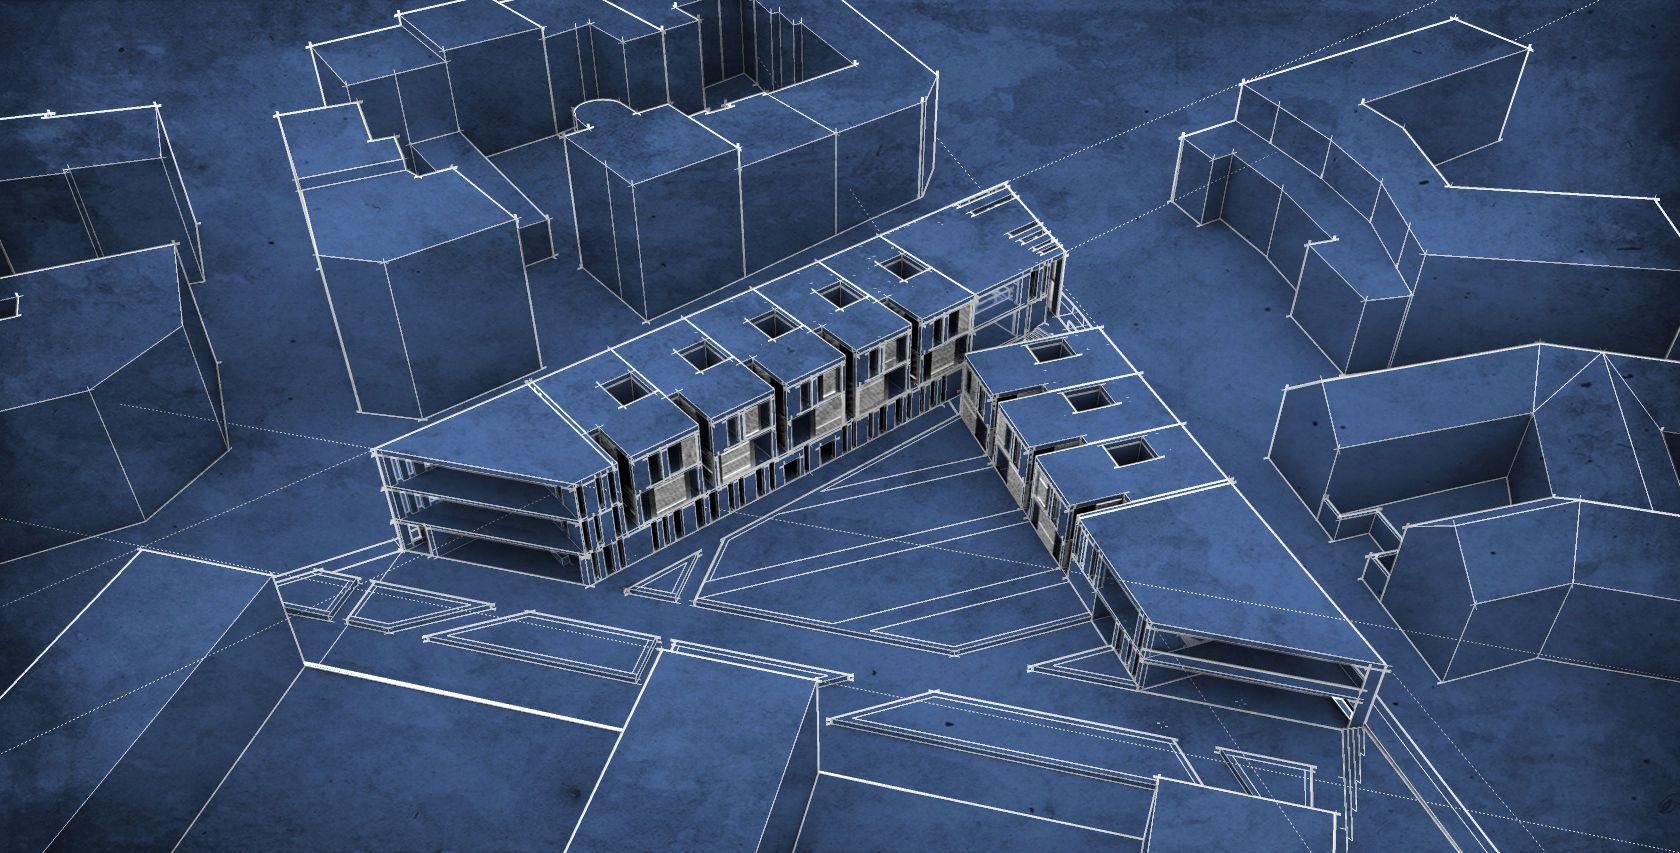 architecture blueprints wallpaper. Blueprint.jpg (1680×853) Architecture Blueprints Wallpaper